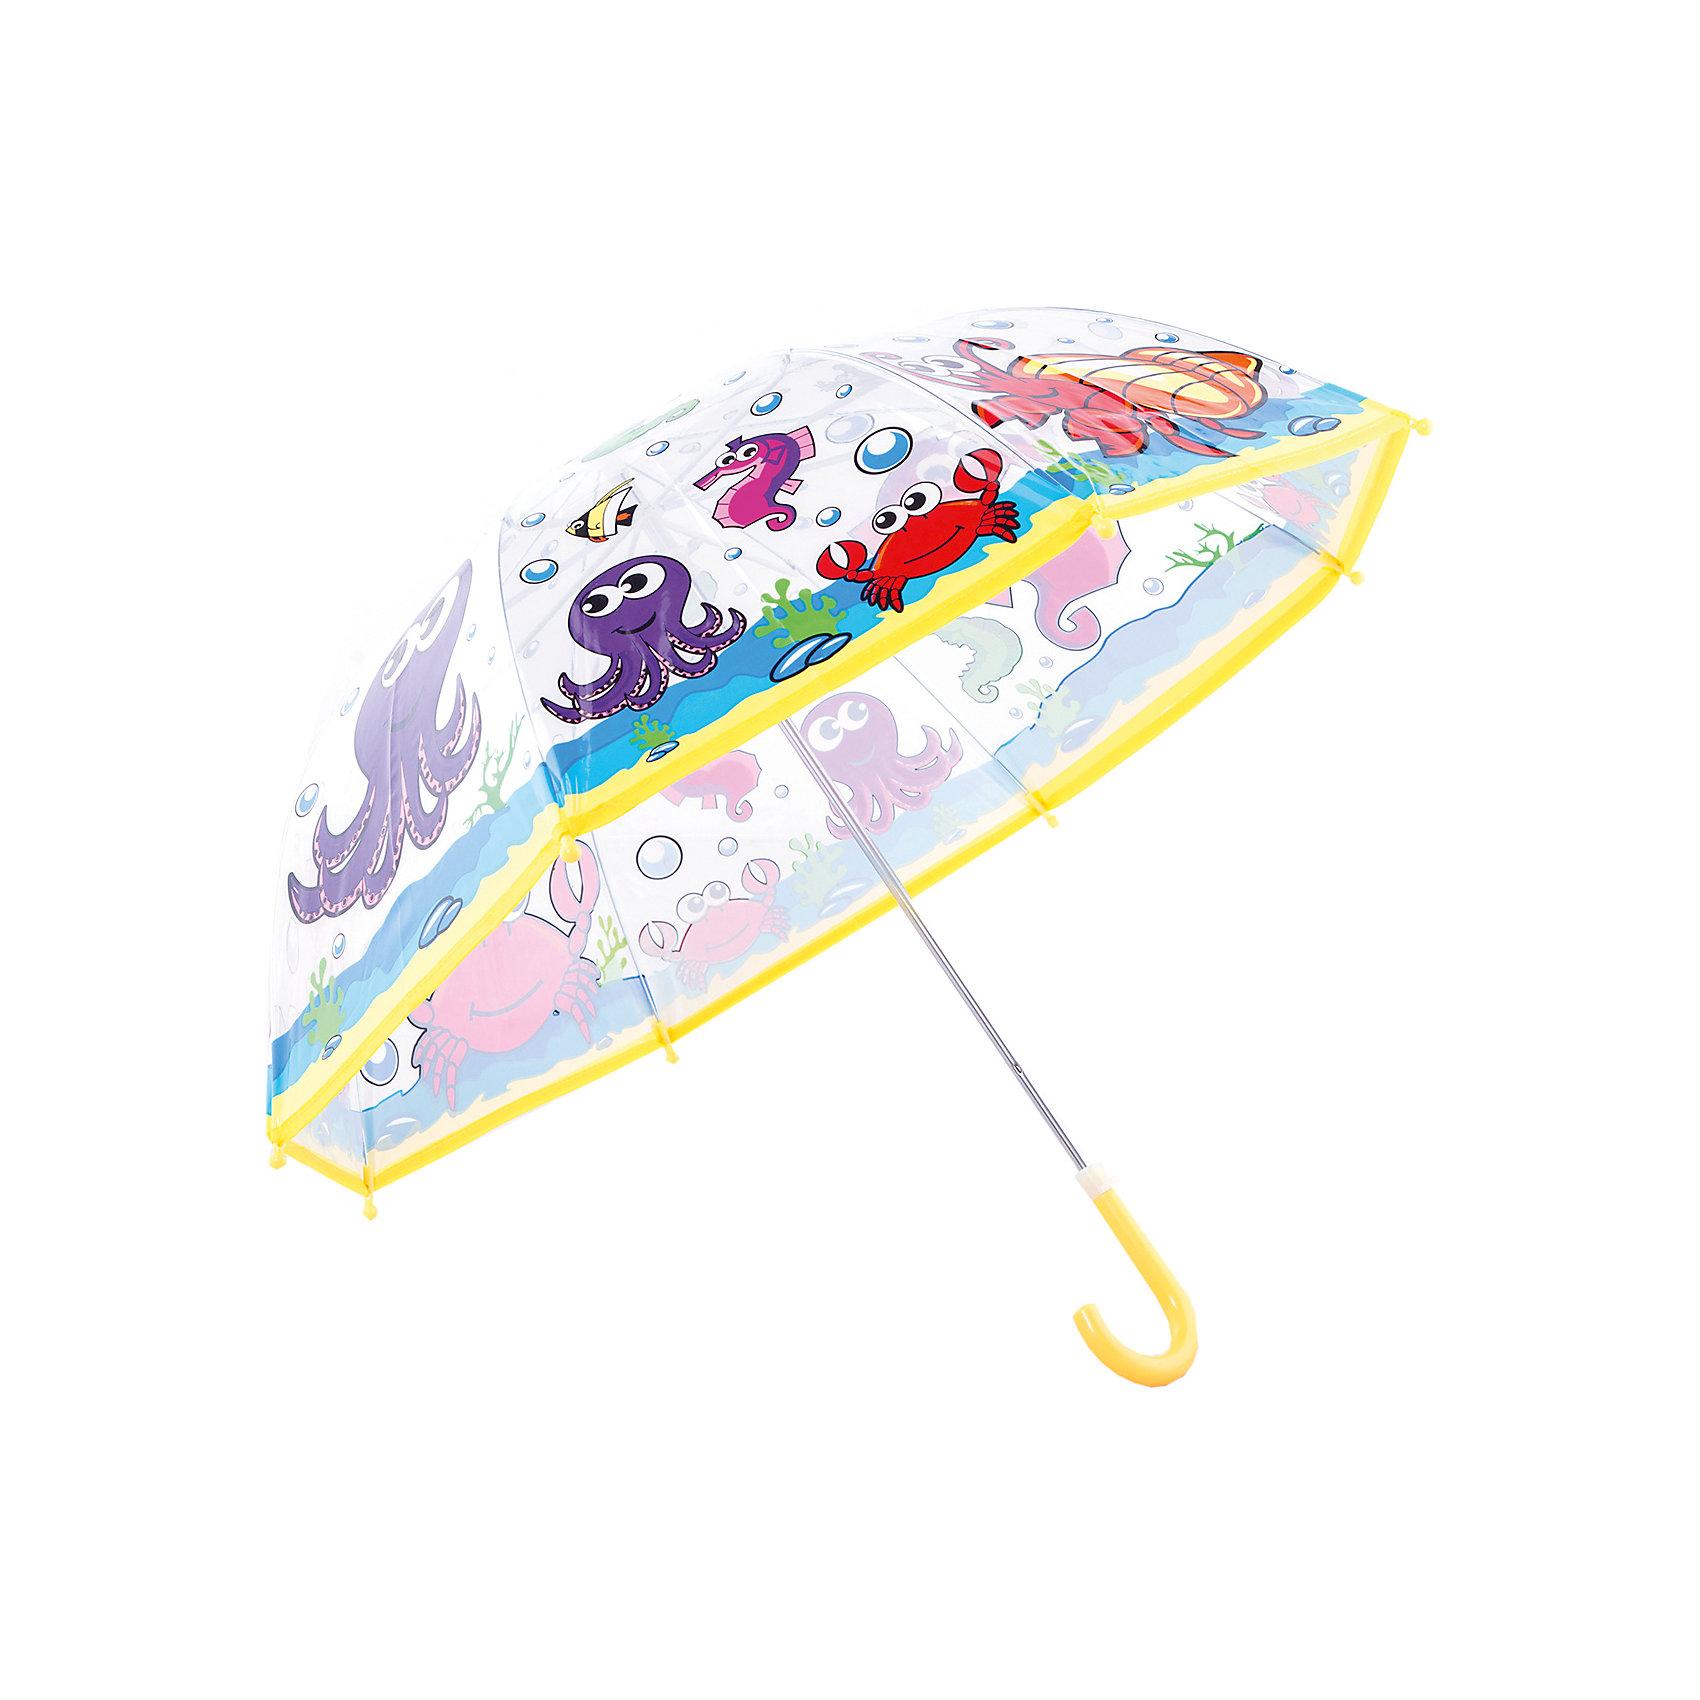 Зонт детский Подводный мир, 46 см.Детский зонтик-тросточка с забавным принтом защитит ребенка от непогоды. Зонтик не боится дождя и ветра благодаря прочному креплению купола к каркасу. <br> Технические характеристики: <br> Механическая система складывания; <br> Концы спиц закрыты пластиковыми шариками; <br> Пластиковый фиксатор на стержне зонтика;  <br> Радиус купола - 46 см.<br><br>Ширина мм: 600<br>Глубина мм: 200<br>Высота мм: 700<br>Вес г: 250<br>Возраст от месяцев: 36<br>Возраст до месяцев: 2147483647<br>Пол: Унисекс<br>Возраст: Детский<br>SKU: 5508519